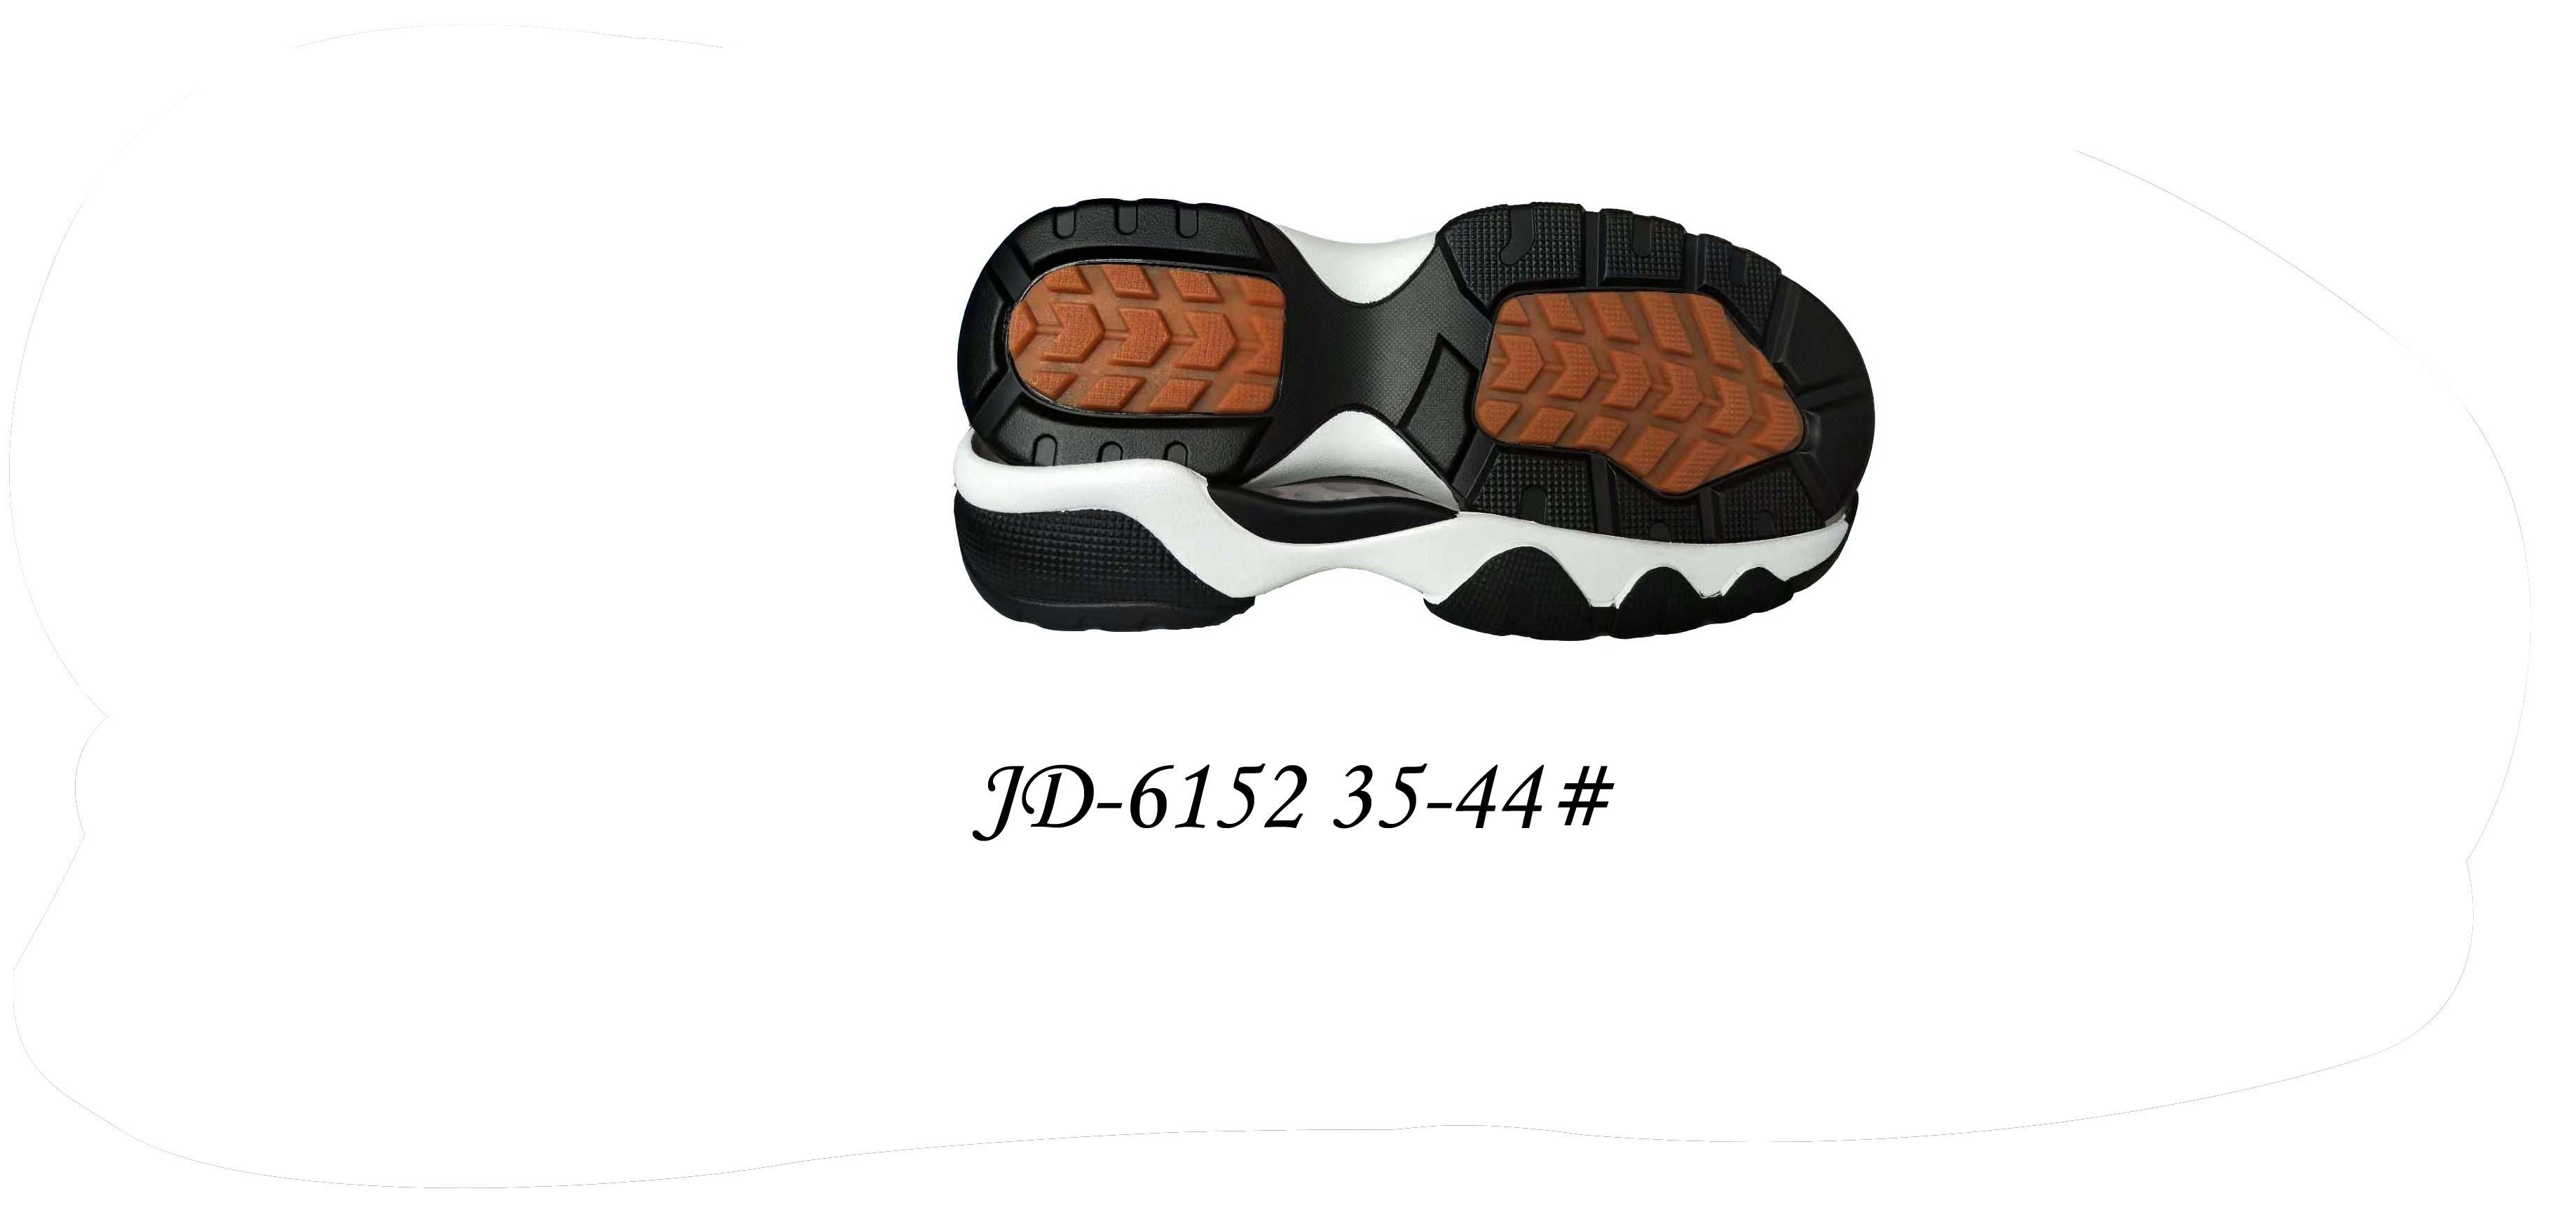 鞋底 PU 男段 女段 篮球鞋 三色 35-44# 组合 JD-6152